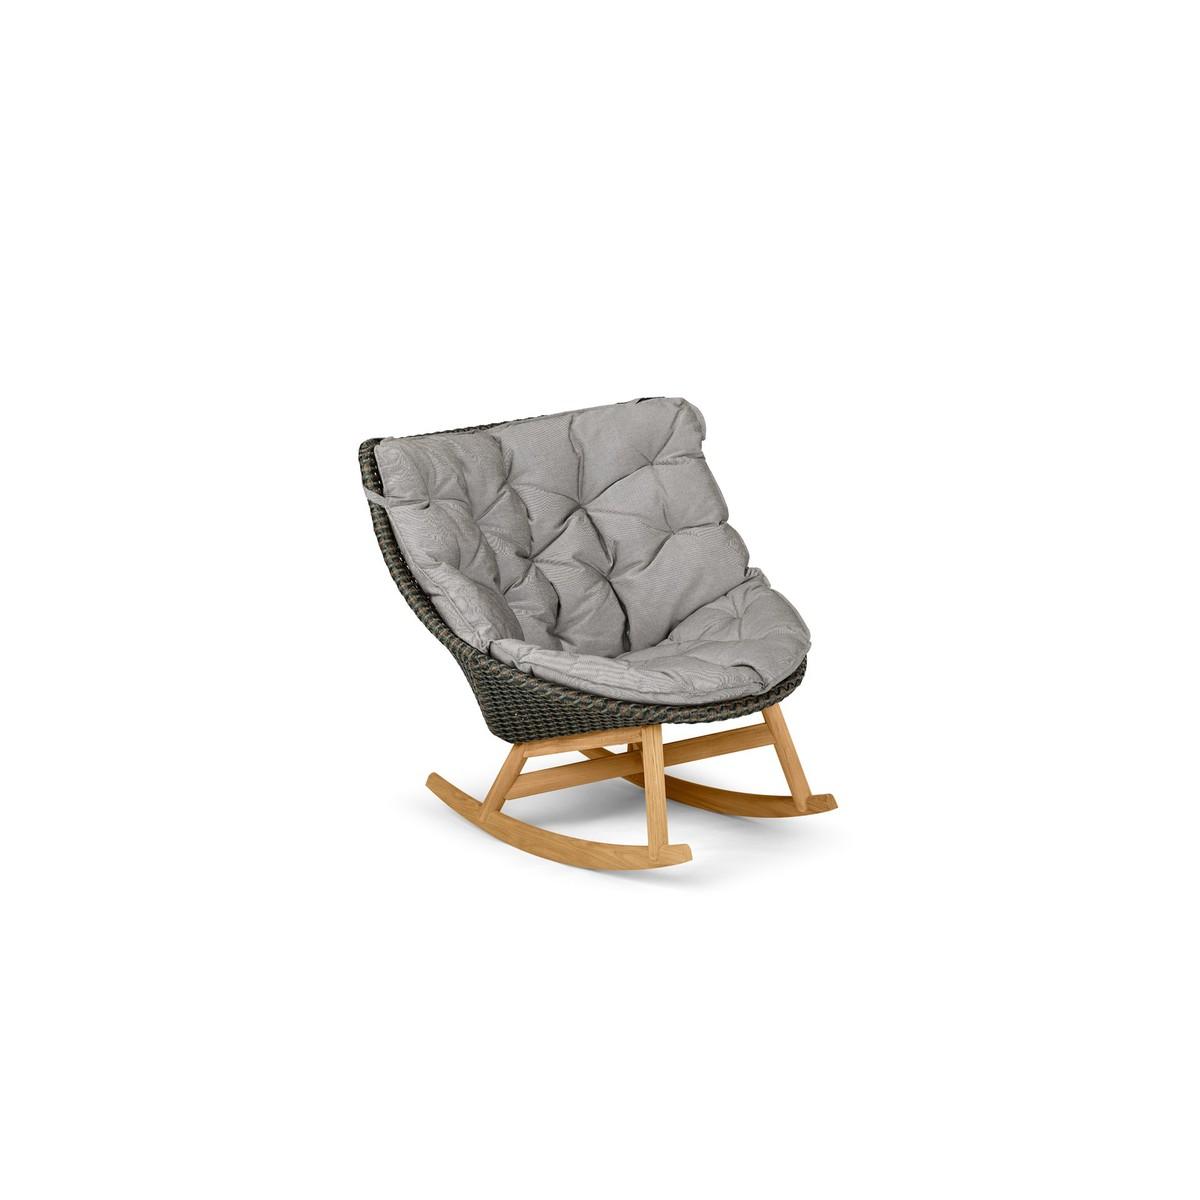 Dedon Mbrace Rocking Chair Mbrace Gris Fer 107x89x97cm